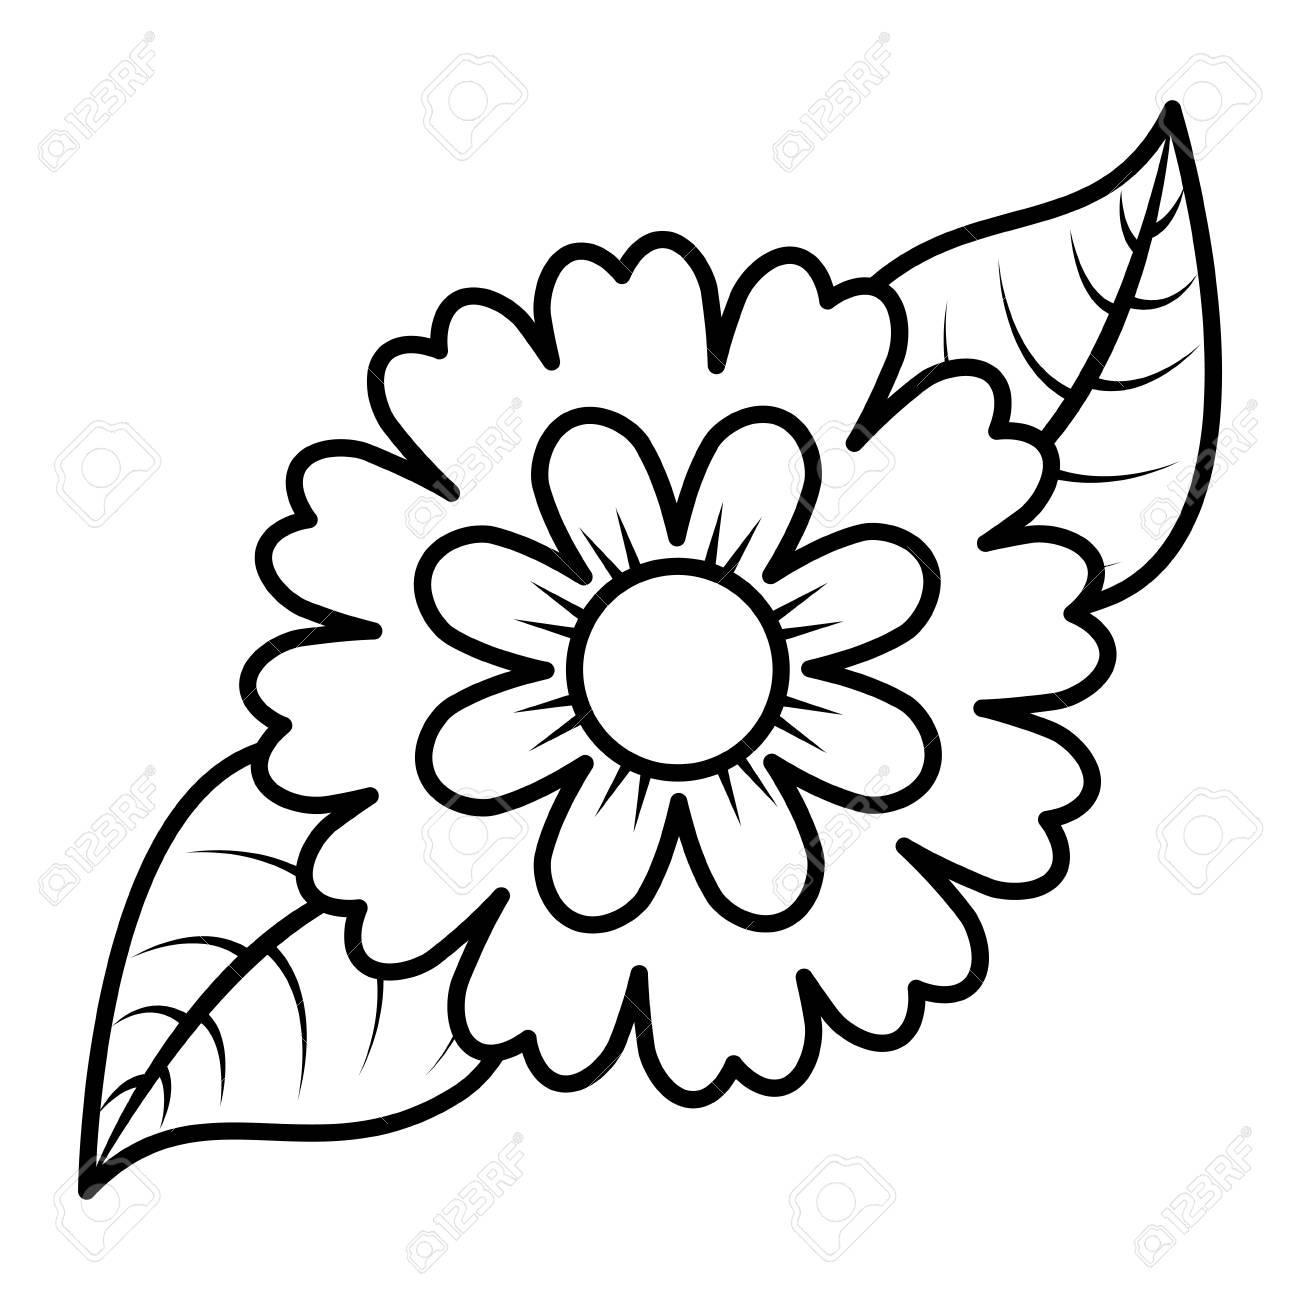 flower and leaves floral botanical natural spring image vector rh 123rf com